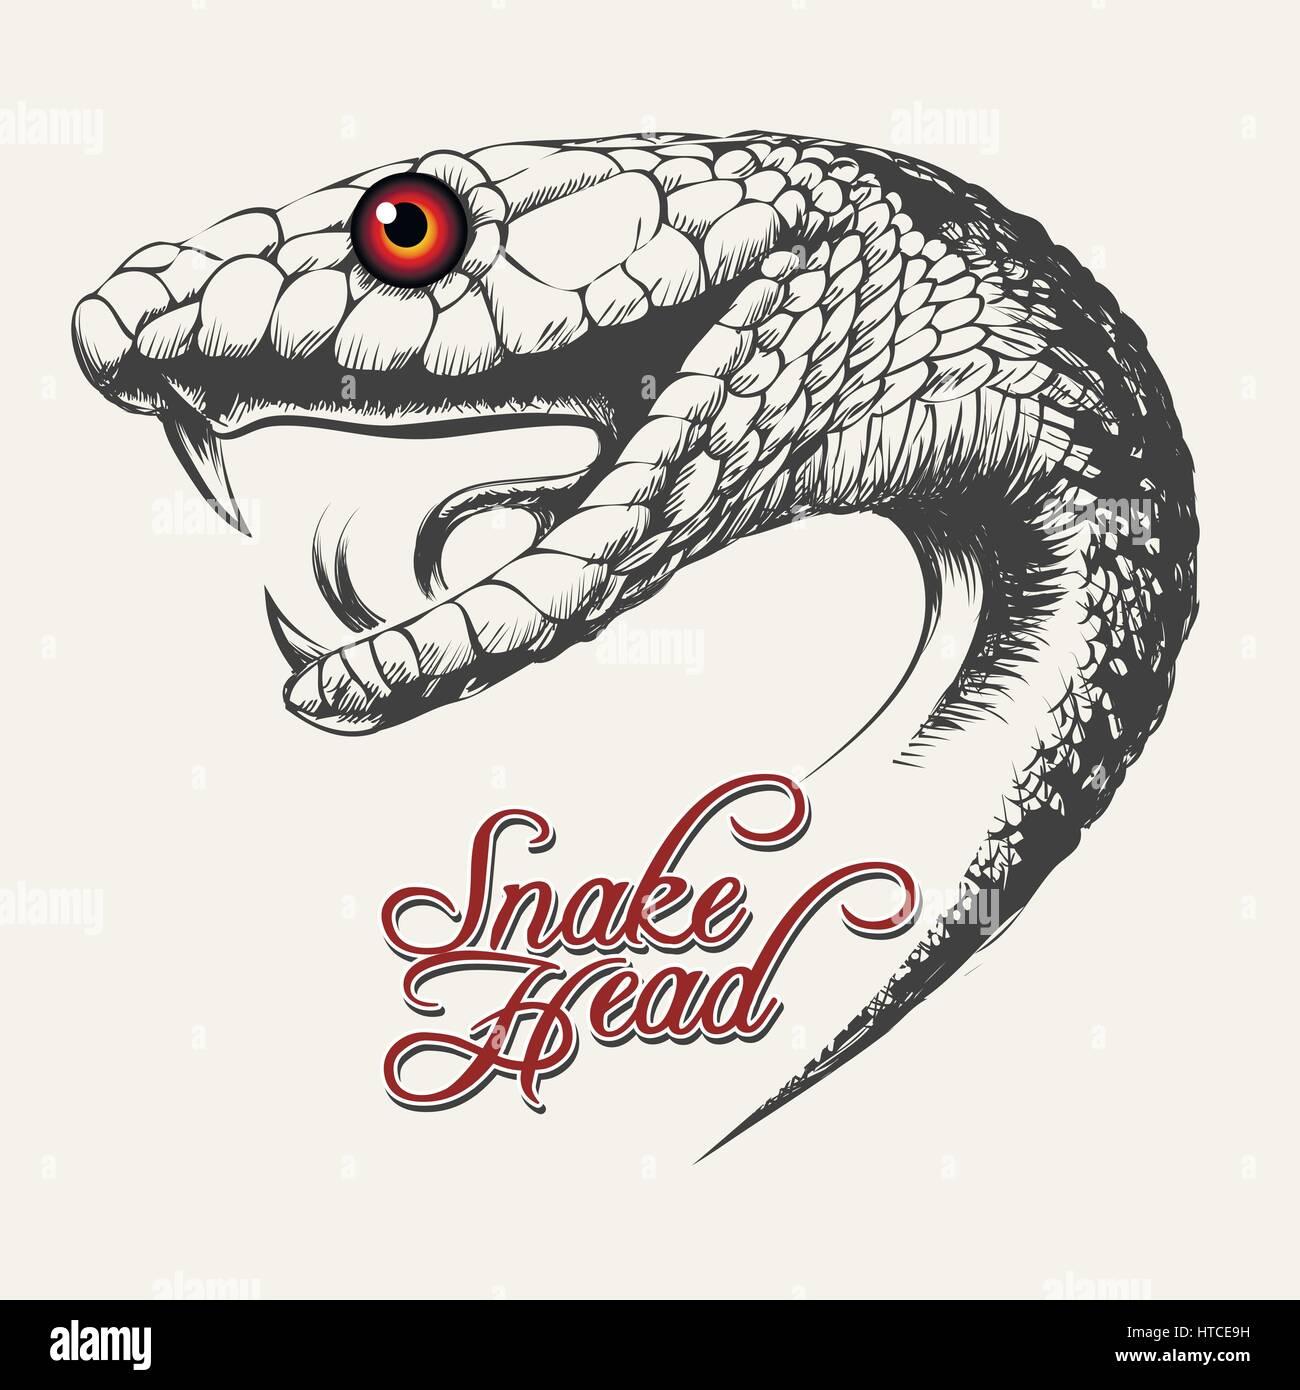 En tête de serpent Handdrawn style tatouage. Vector illustration. Illustration de Vecteur